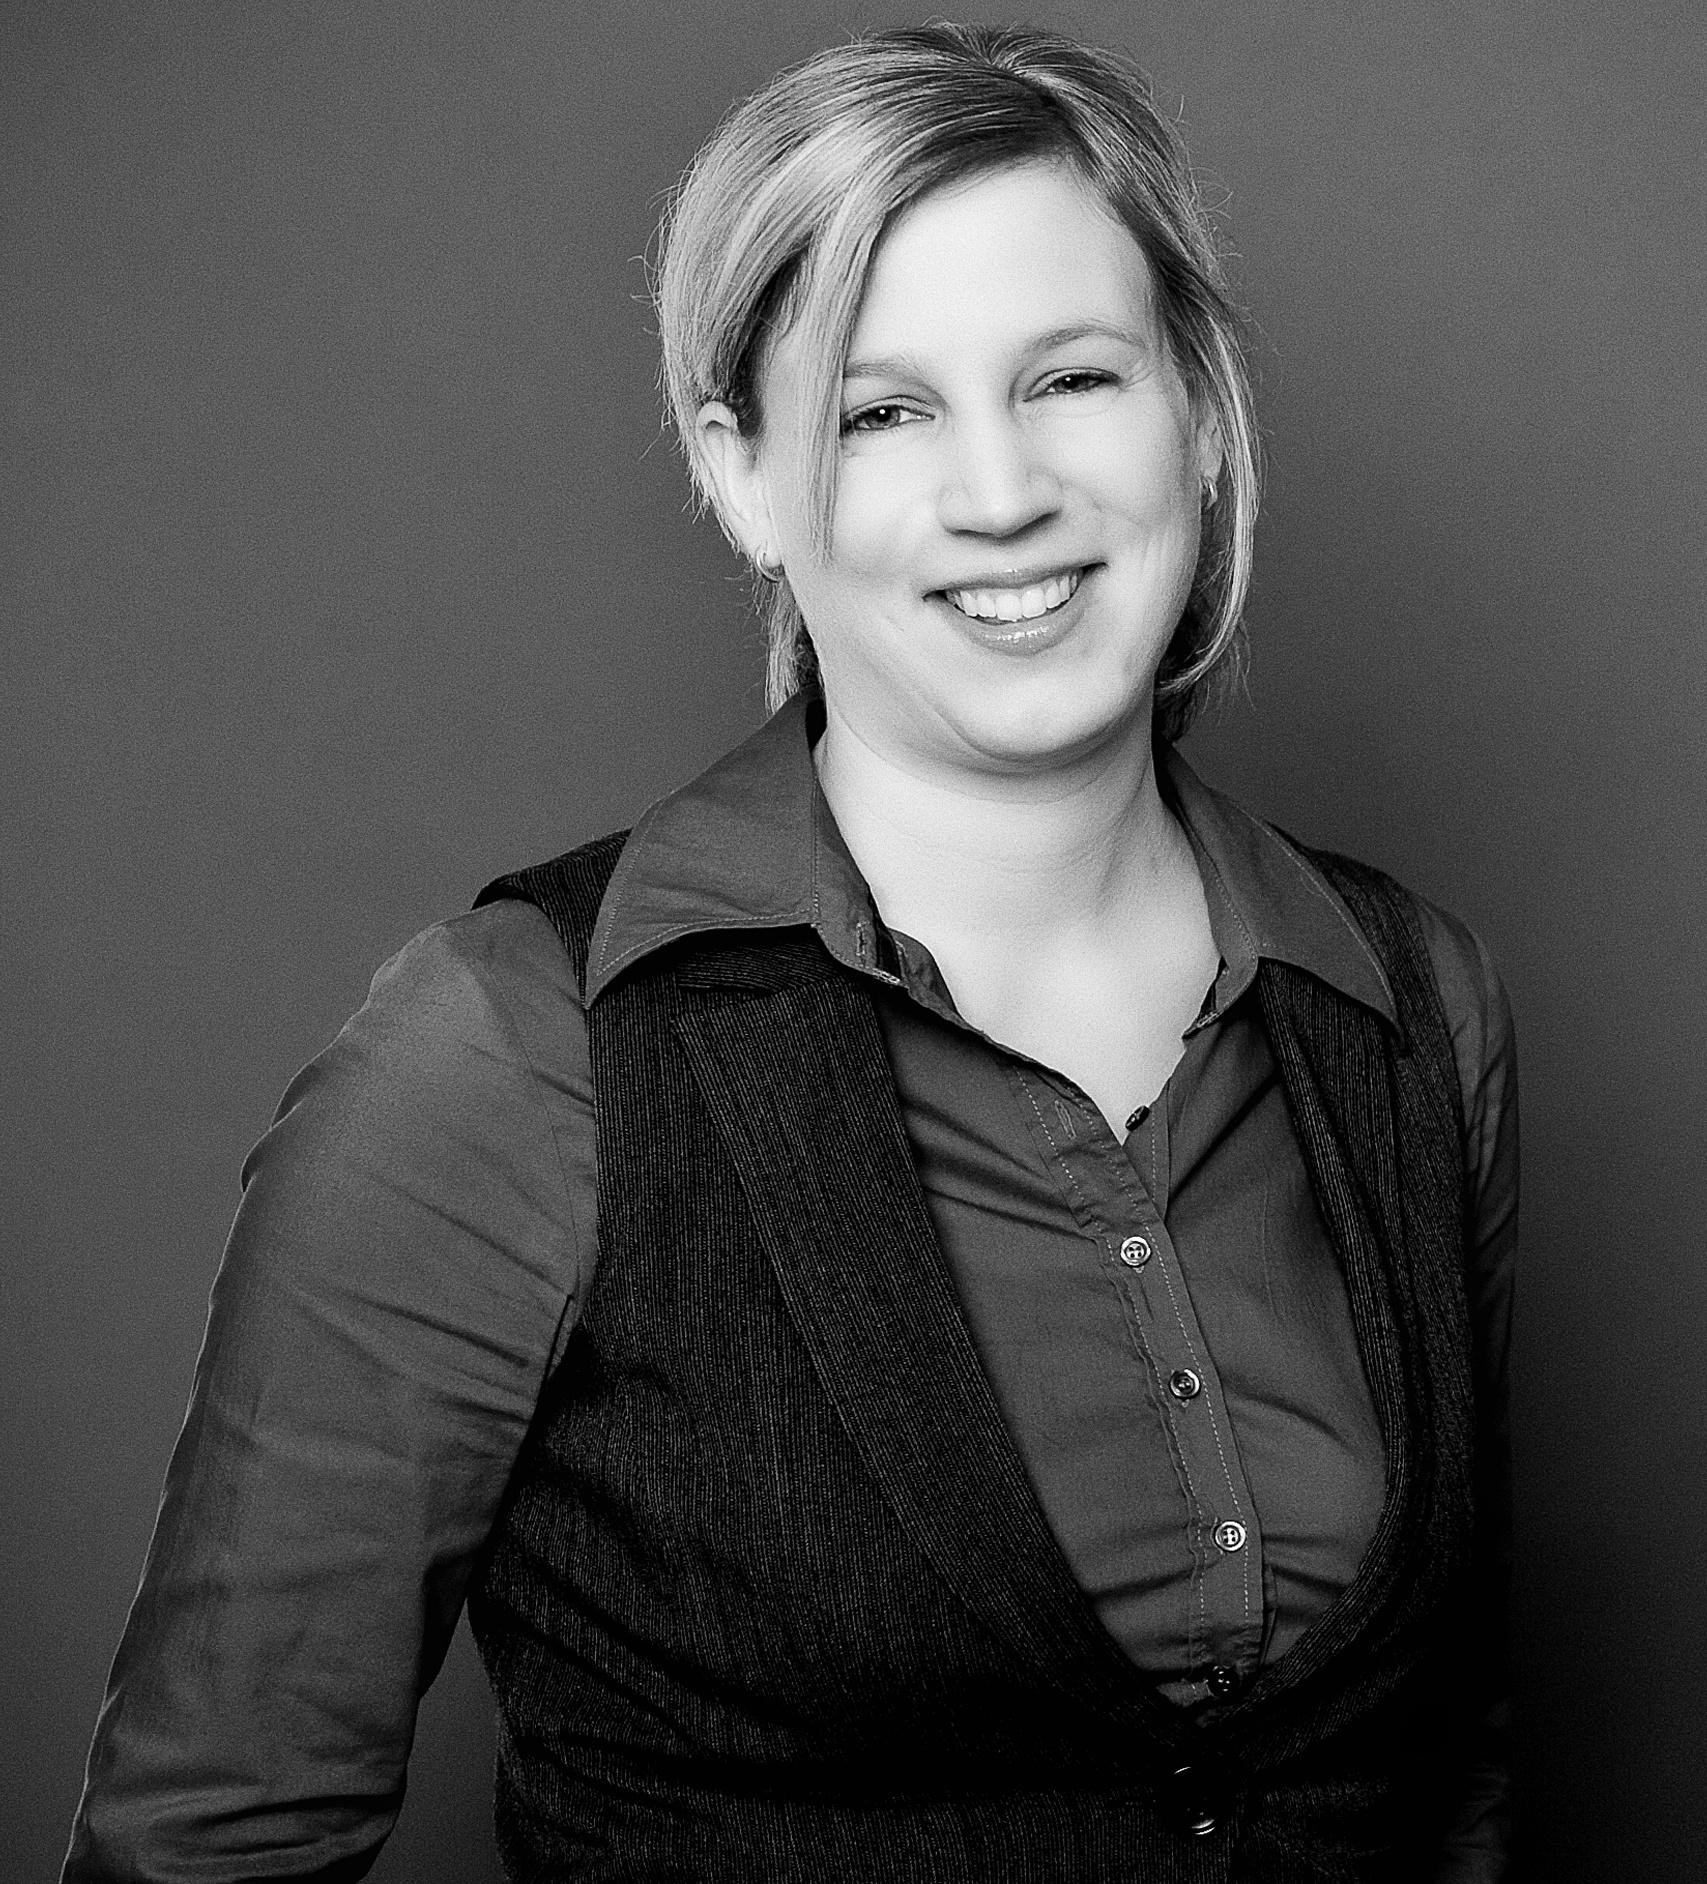 Ilka Klein, Referentin Unternehmenskommunikation, Wisag